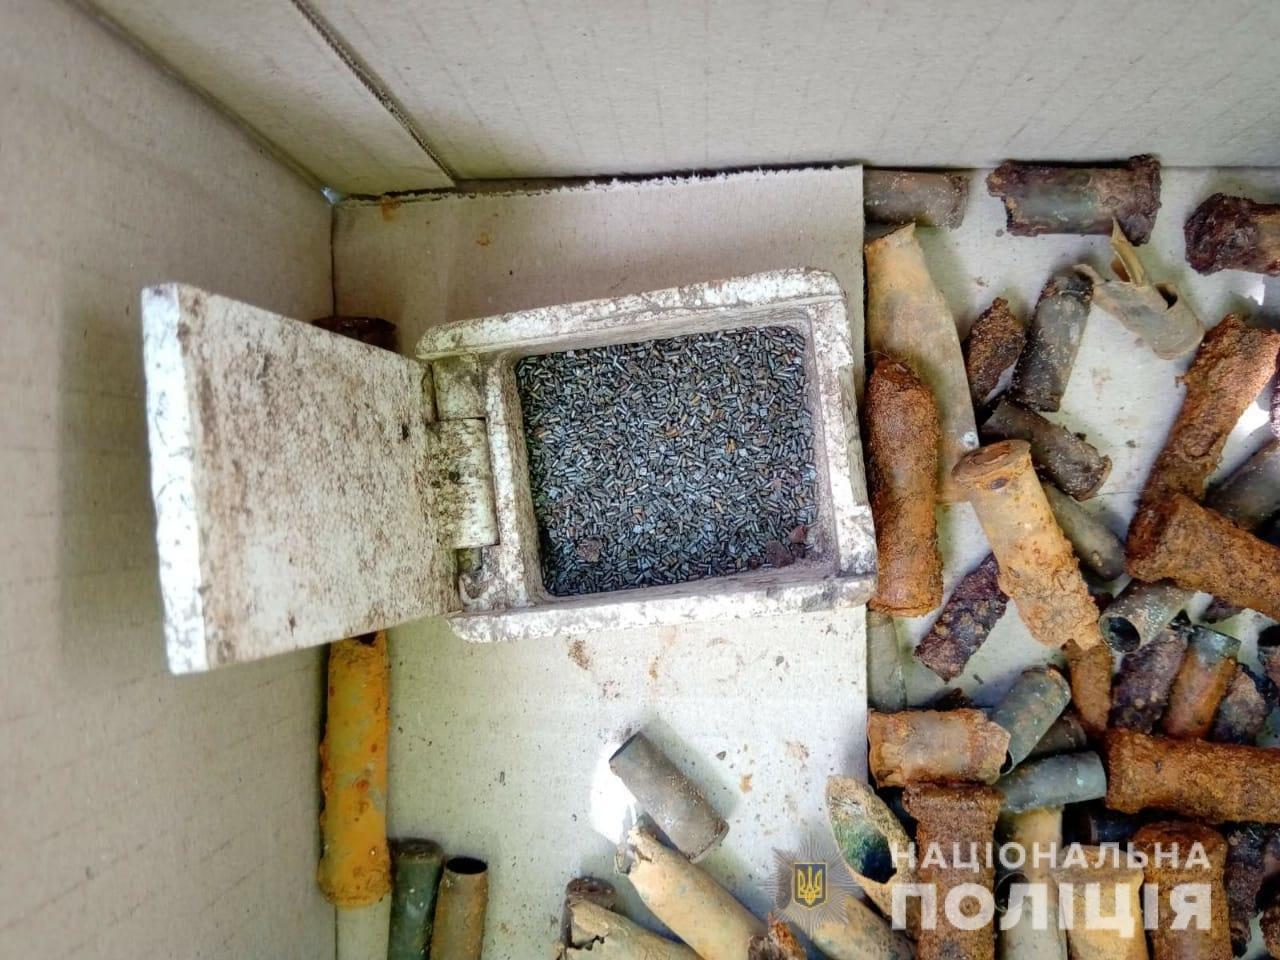 На Харьковщине силовики разоблачили местного жителя, хранившего в доме боеприпасы, - ФОТО, фото-4